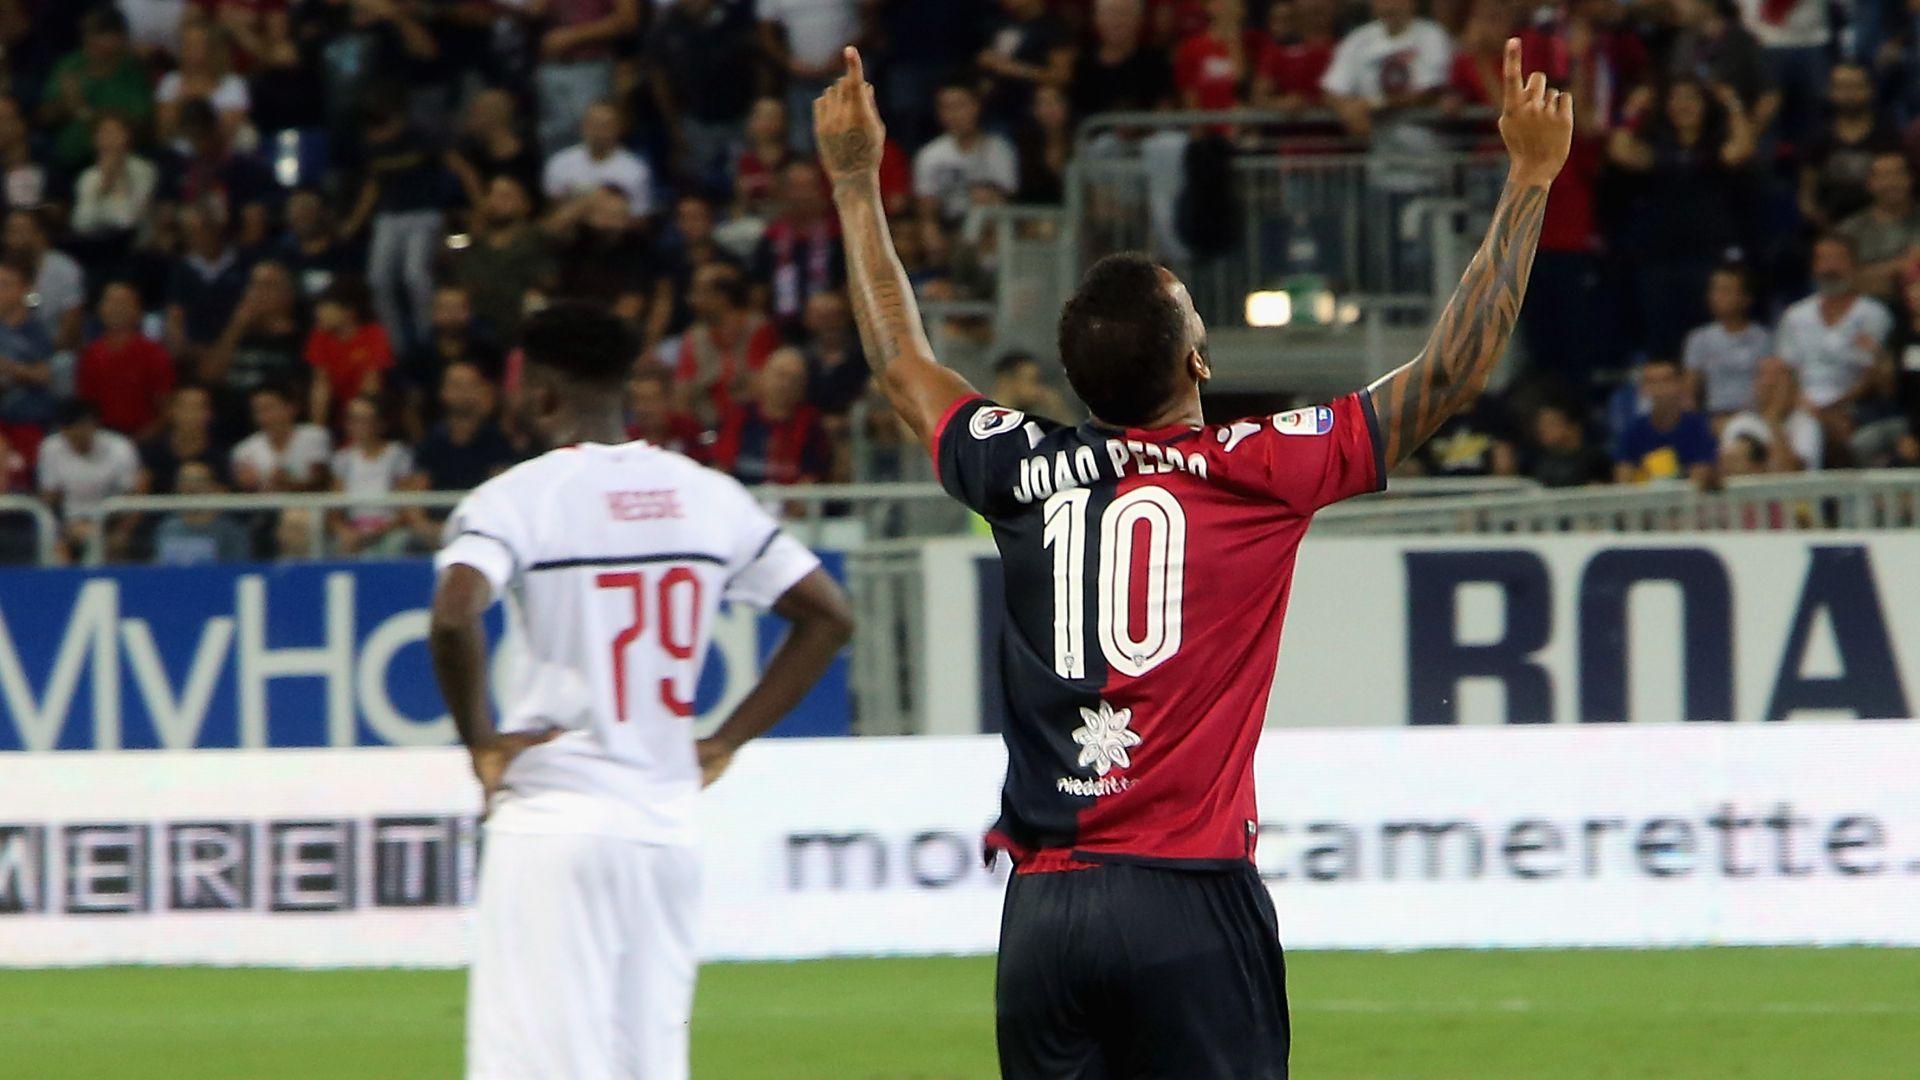 Joao Pedro Cagliari Milan